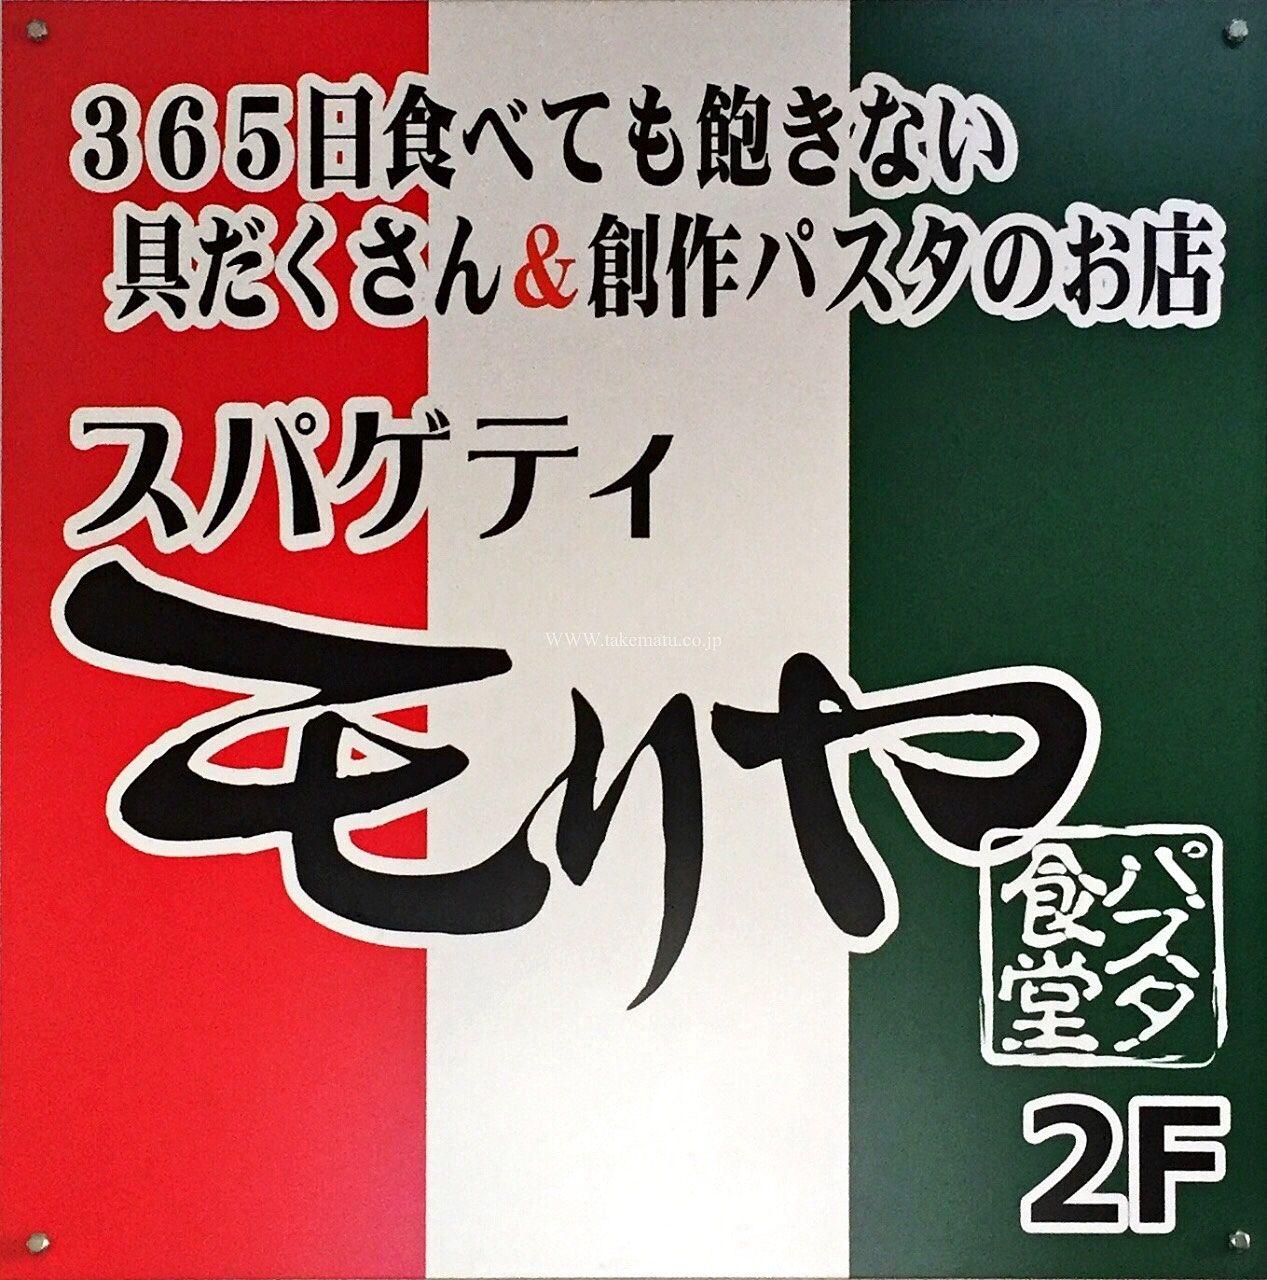 初詣 甲府市 武田神社とスパゲティ モリヤ